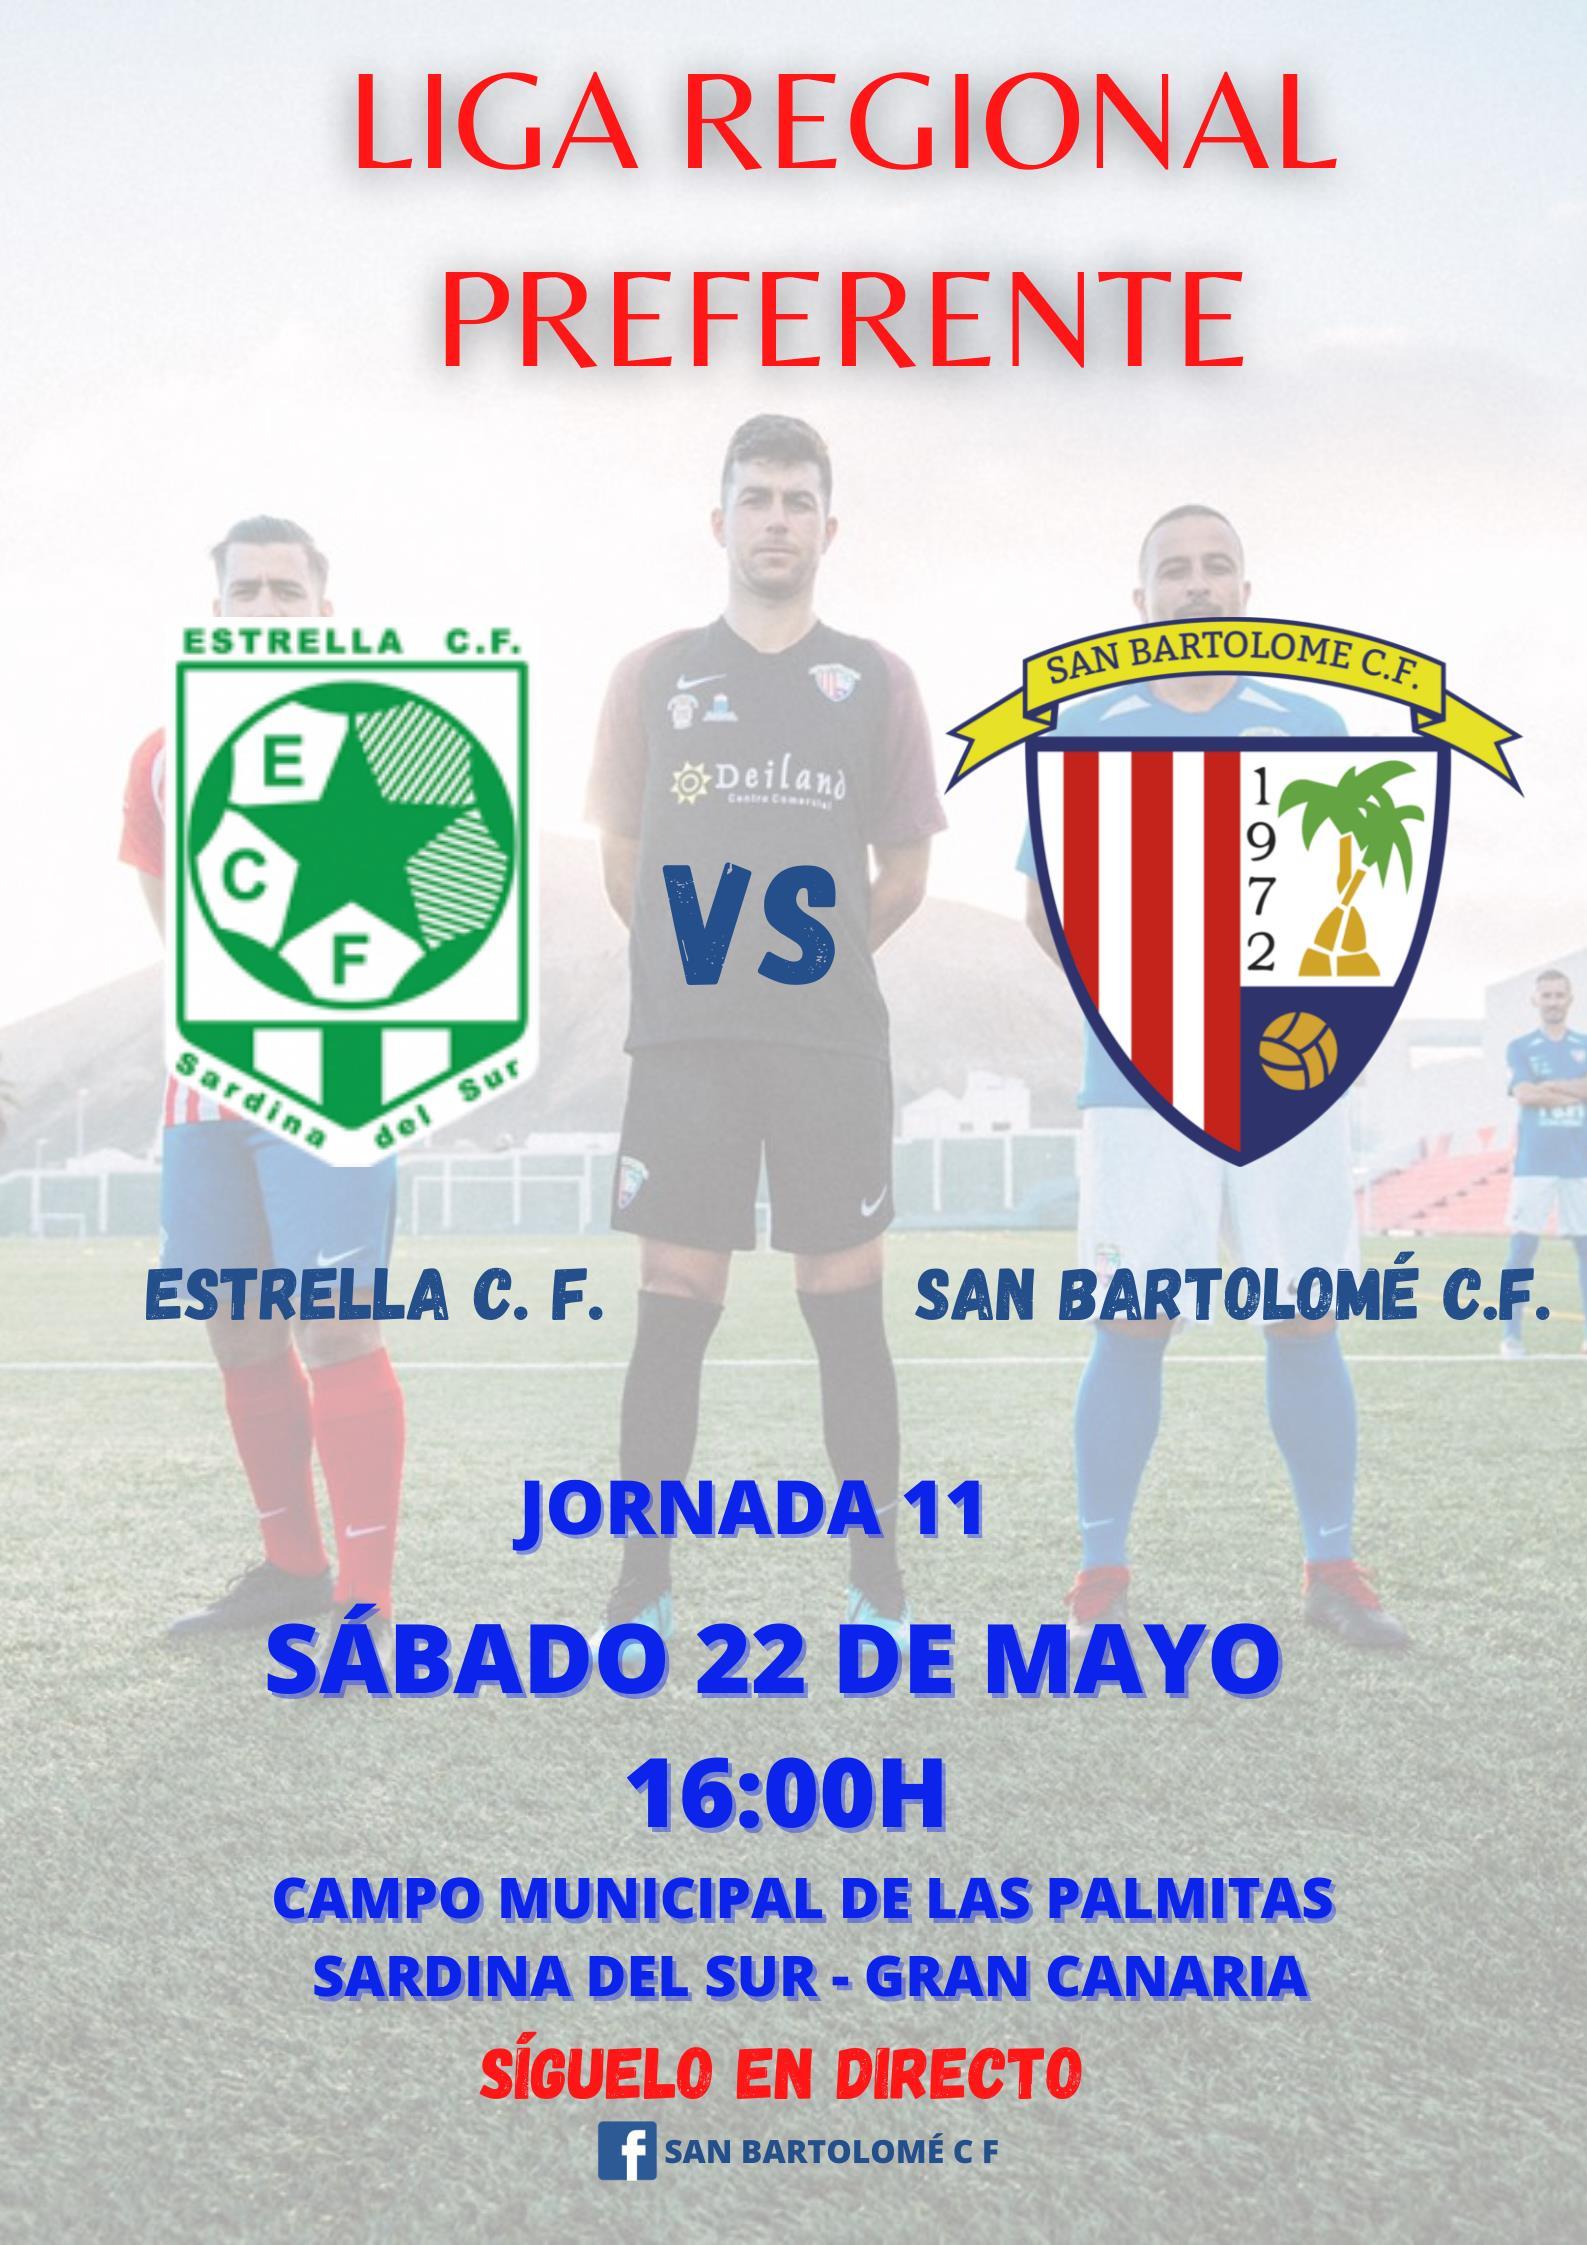 JORNADA 11: ESTRELLA C. F. - SAN BARTOLOMÉ C. F.